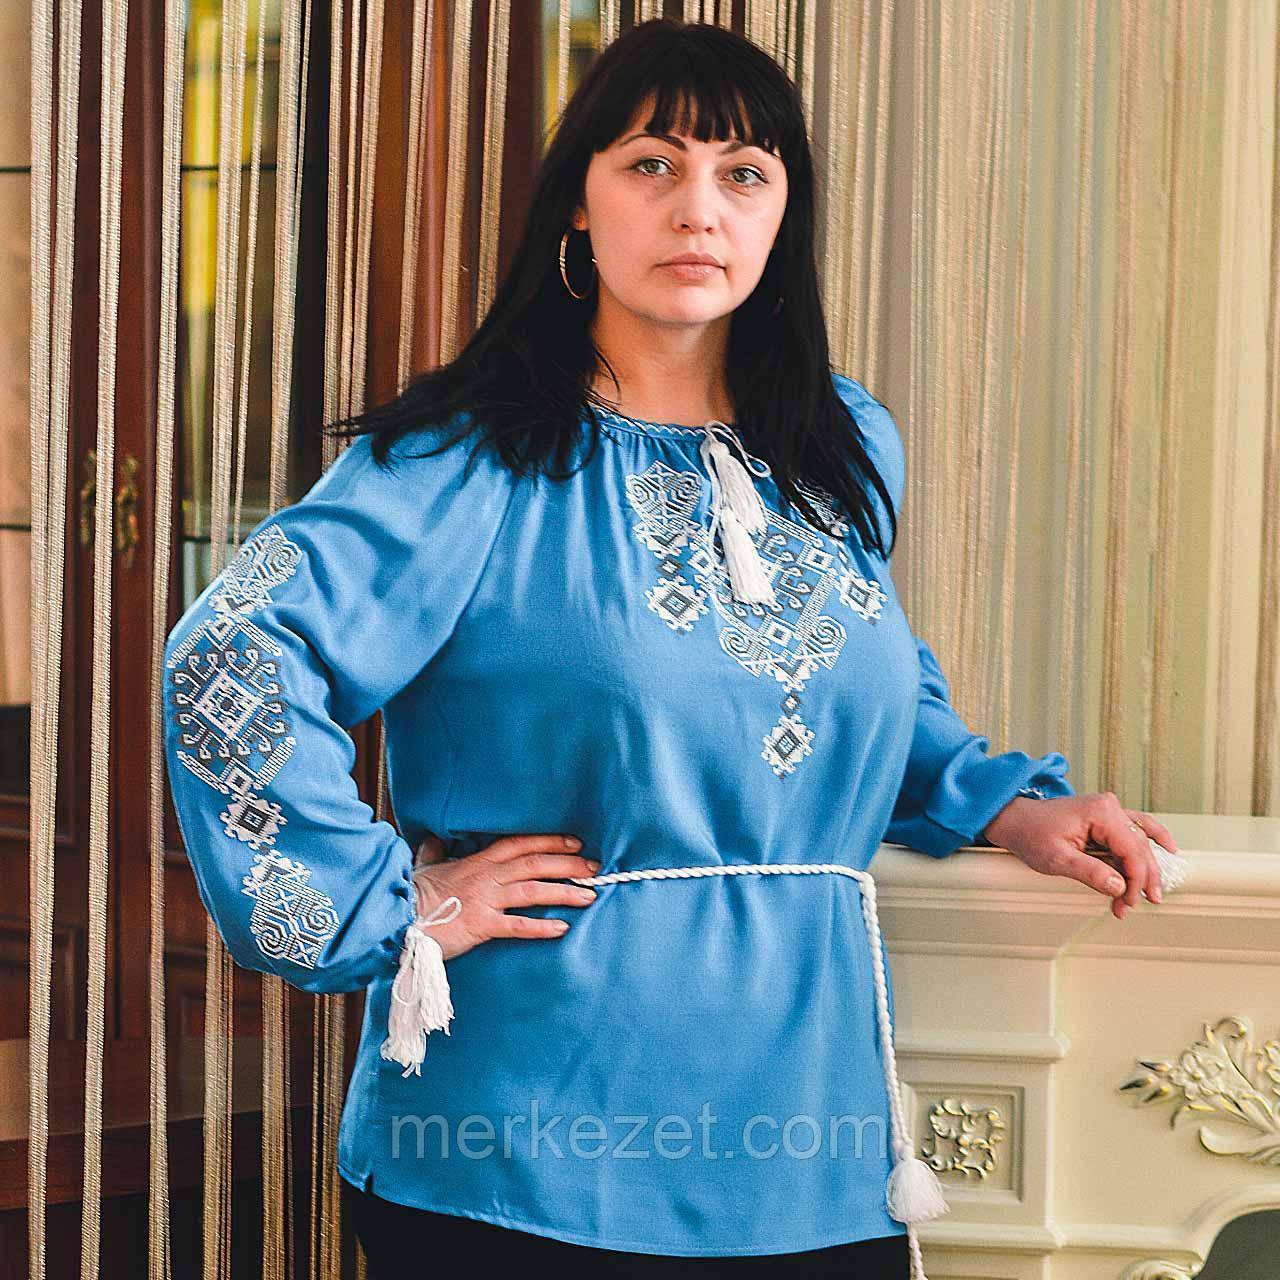 """Женские вышиванки. Вышиванка """"Вельма"""". Одежда в национальном стиле. Вышиванки"""